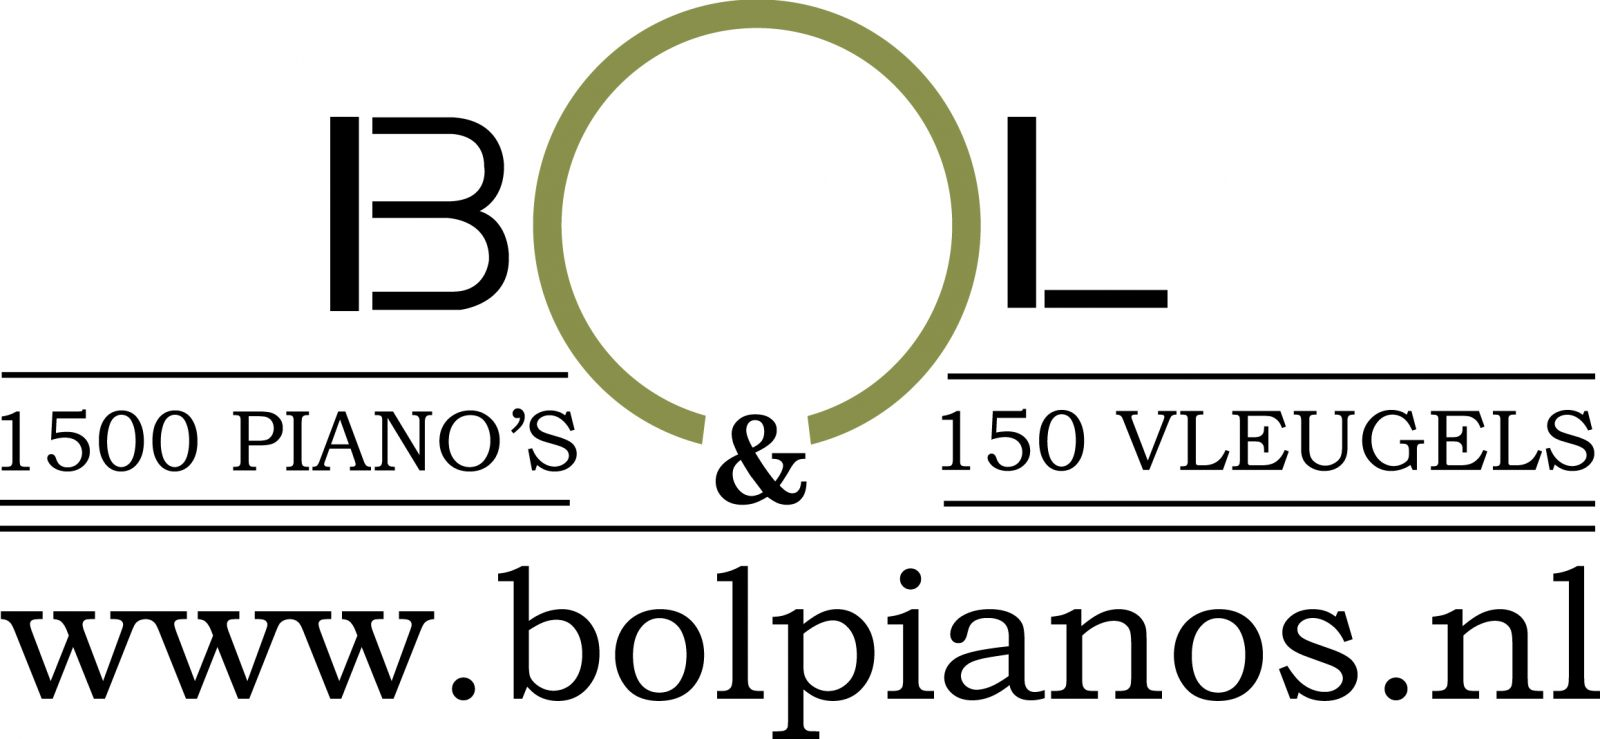 Bol-Pianos-logo